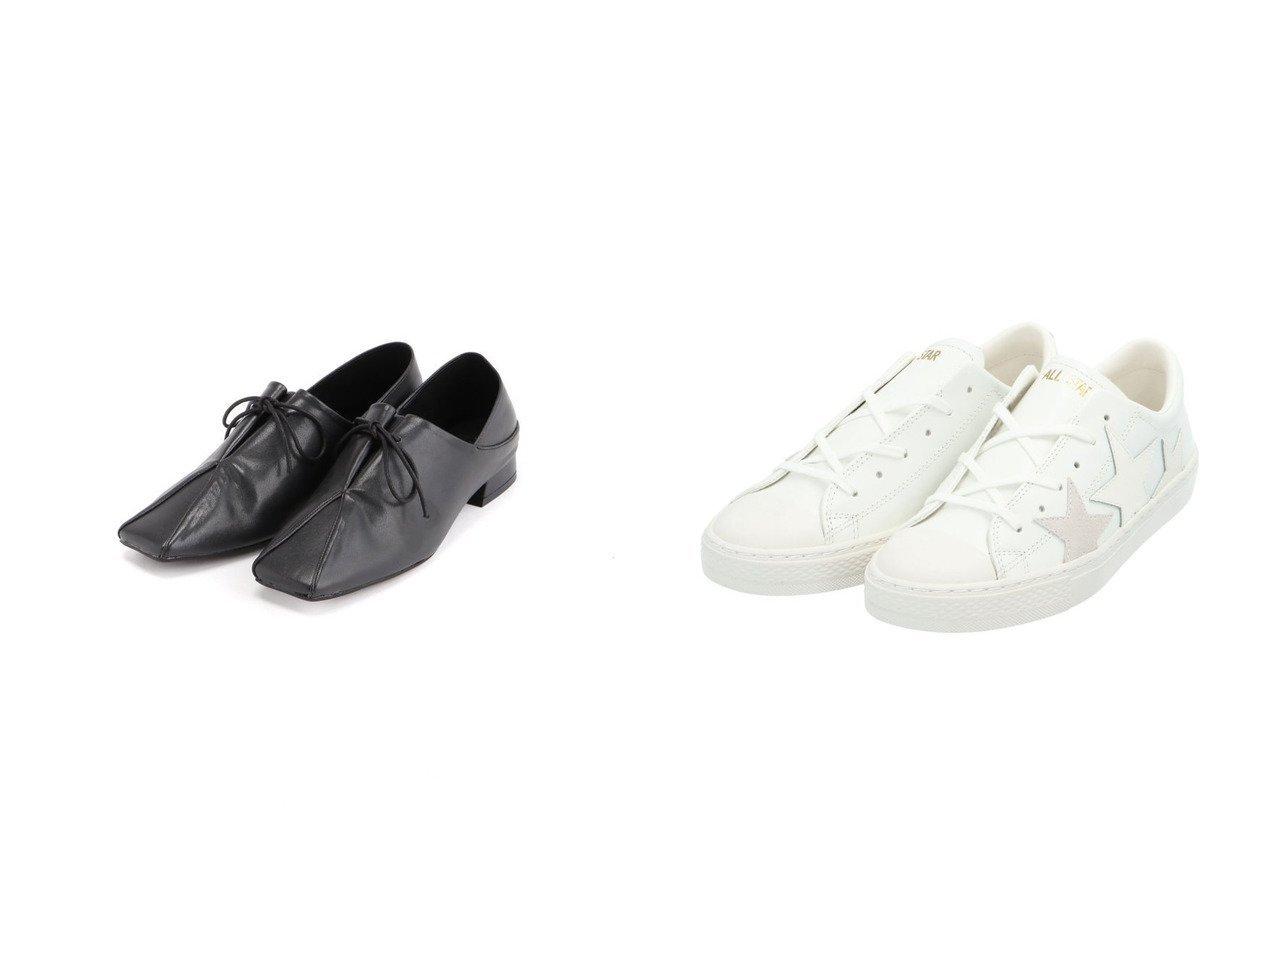 【CONVERSE/コンバース】のALL STAR COUPE TRIOSTAR OX&【JEANASiS/ジーナシス】のソフトレザーキリカエシューズ シューズ・靴のおすすめ!人気、トレンド・レディースファッションの通販  おすすめで人気の流行・トレンド、ファッションの通販商品 メンズファッション・キッズファッション・インテリア・家具・レディースファッション・服の通販 founy(ファニー) https://founy.com/ ファッション Fashion レディースファッション WOMEN NEW・新作・新着・新入荷 New Arrivals シューズ シンプル ドレス フラット マニッシュ 2021年 2021 2021 春夏 S/S SS Spring/Summer 2021 S/S 春夏 SS Spring/Summer エナメル スエード スニーカー スリッポン 人気  ID:crp329100000015623